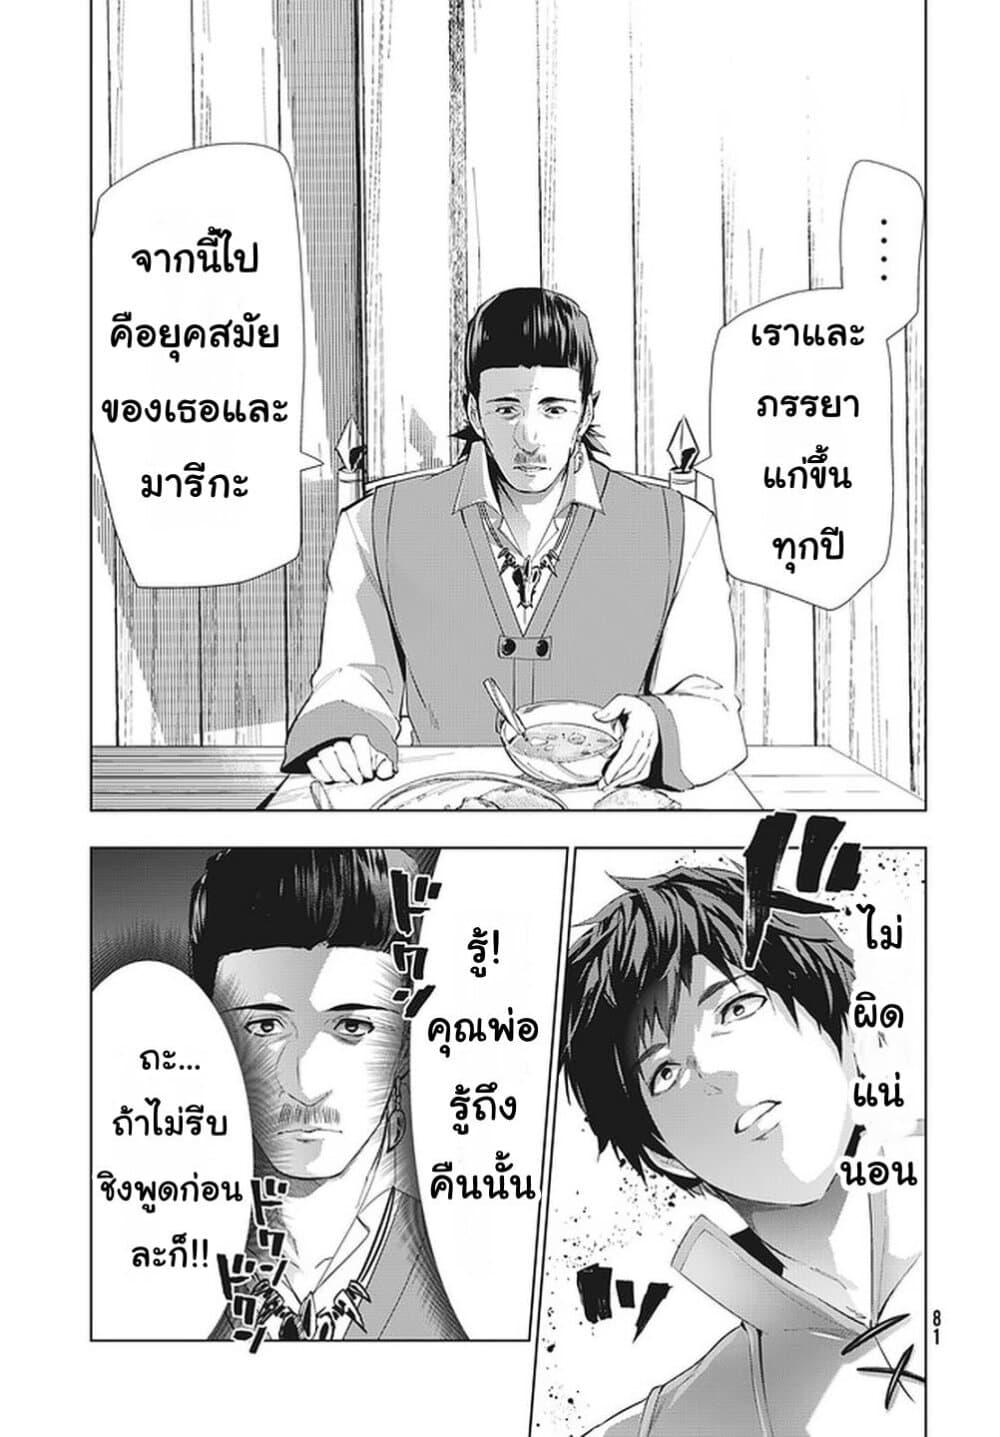 อ่านการ์ตูน Kaiko sareta Ankoku Heishi (30-dai) no Slow na Second ตอนที่ 13.1 หน้าที่ 7